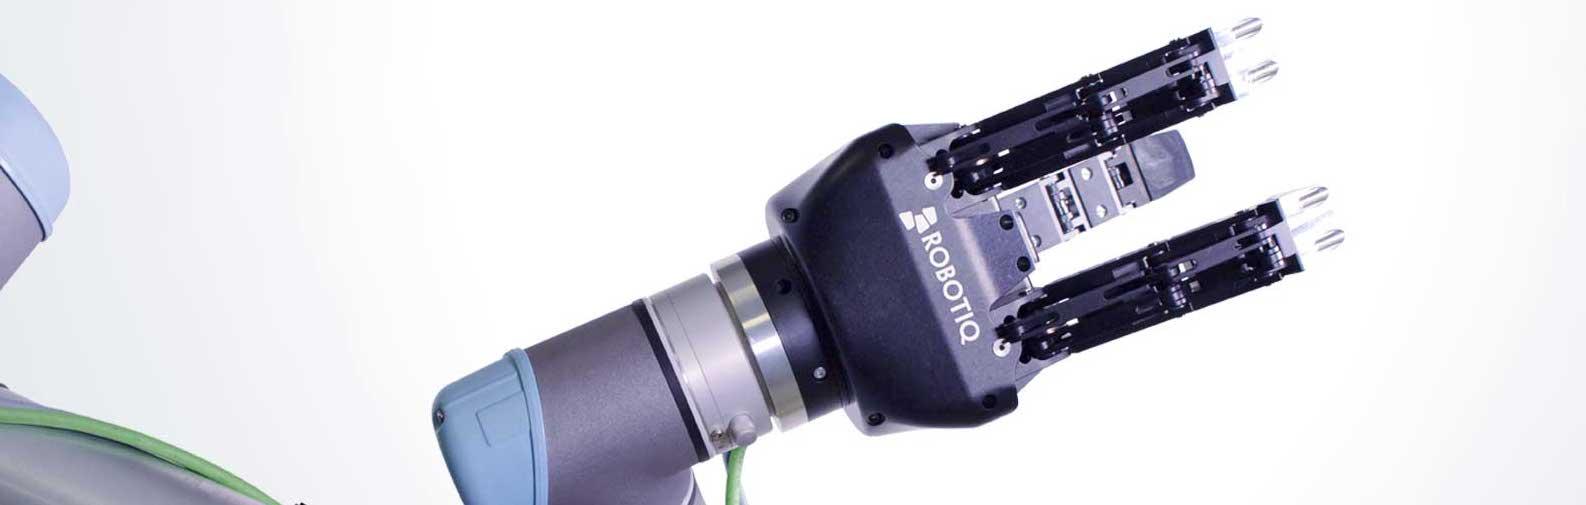 3-finger-gripper-for-universal-robots.jpg